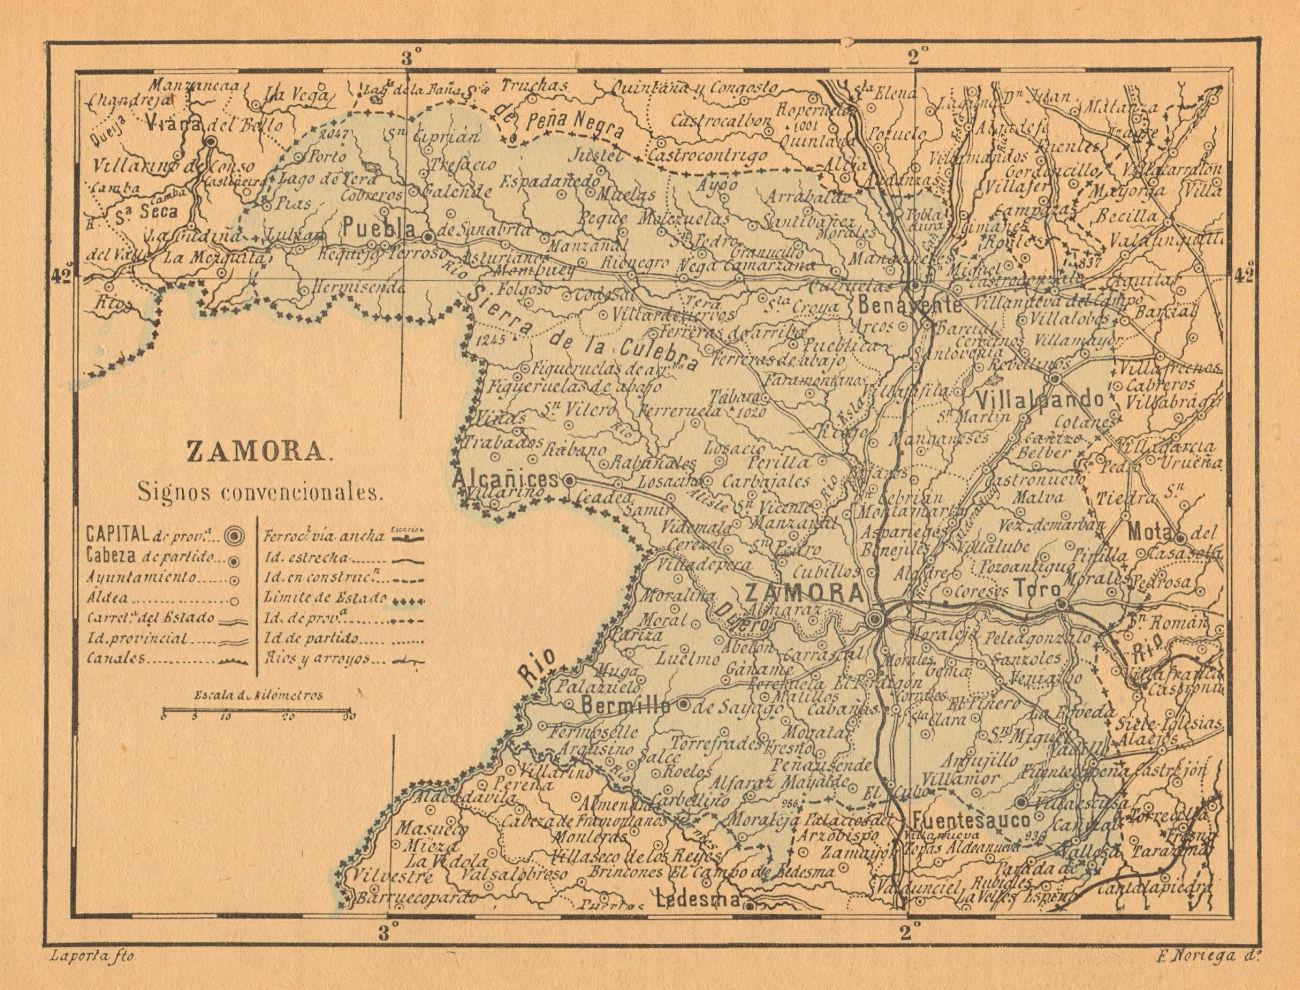 ZAMORA. Castilla y León. Mapa antiguo de la provincia 1914 old antique